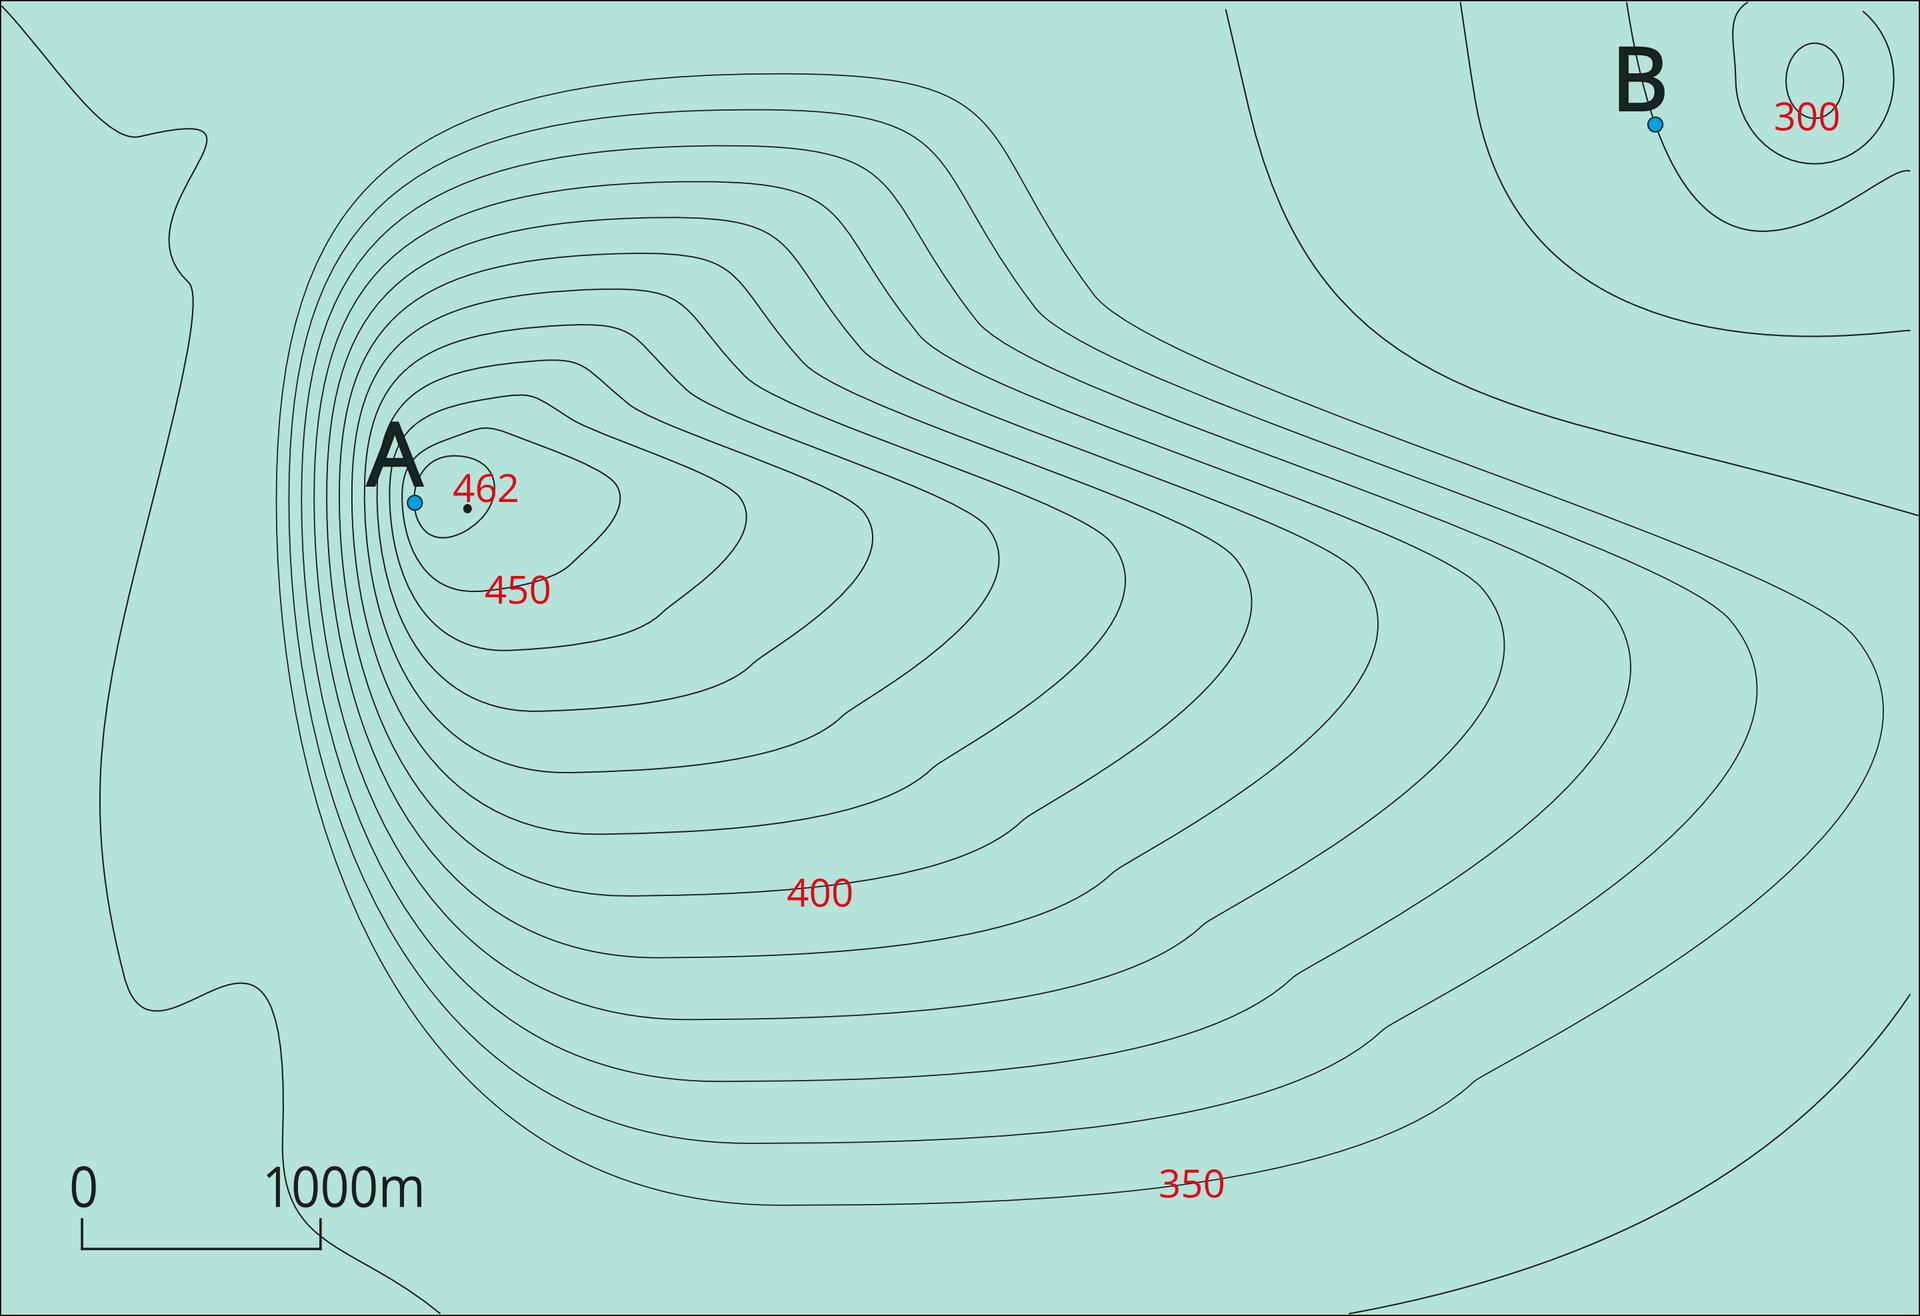 """Ilustracja przedstawia mapę poziomicową. Na powierzchni mapy dwa punkty, """"a"""" i""""be"""". Punkty znajdują się wpewnej odległości od siebie. Punkt """"a"""" wgórnej części mapy, na lewo. Punkt """"be"""" wgórnym prawym rogu mapy. Na rysunku znajdują się nieregularne pętle. Pętle nakładają się na siebie. Krawędzie pętli to linie ciągłe. Linie to poziomice. Punkt """"a"""" leży na ostatniej poziomicy pod szczytem wzgórza, które oznaczone jest czarnym punktem iopisane 462. Na lewo od punktu """"a"""" linie poziomic są ułożone blisko siebie. Odległość to około jeden milimetr. Bliska odległość wskazuje na strome zbocze wzgórza. Poziomice na prawo od punktu """"a"""" znajdują się od siebie wwiększych odległościach. Na stokach łagodnych poziomice są oddalone od siebie bardziej, ana stokach stromych są położone bliżej względem siebie. Wten sposób można przedstawić rzeźbę terenu. Wysokość terenu wskazują liczby naniesione na linie poziomic. Opisana jest co piąta poziomica ijest to odpowiednio druga od góry poziomica opisana czterysta pięćdziesiąt, następna to czterysta iostatnia trzysta pięćdziesiąt metrów nad poziomem morza. Poziomice wprawym, górnym rogu tworzą kolejny mniejszy pagórek. Ostatnia poziomica najwyższa opisana jest trzysta metrów, na trzeciej od góry poziomicy leży wcześniej wspominany punkt """"be"""". Poniżej znajdują się jeszcze dwie poziomice wskazujące wysokości tego mniejszego pagórka."""